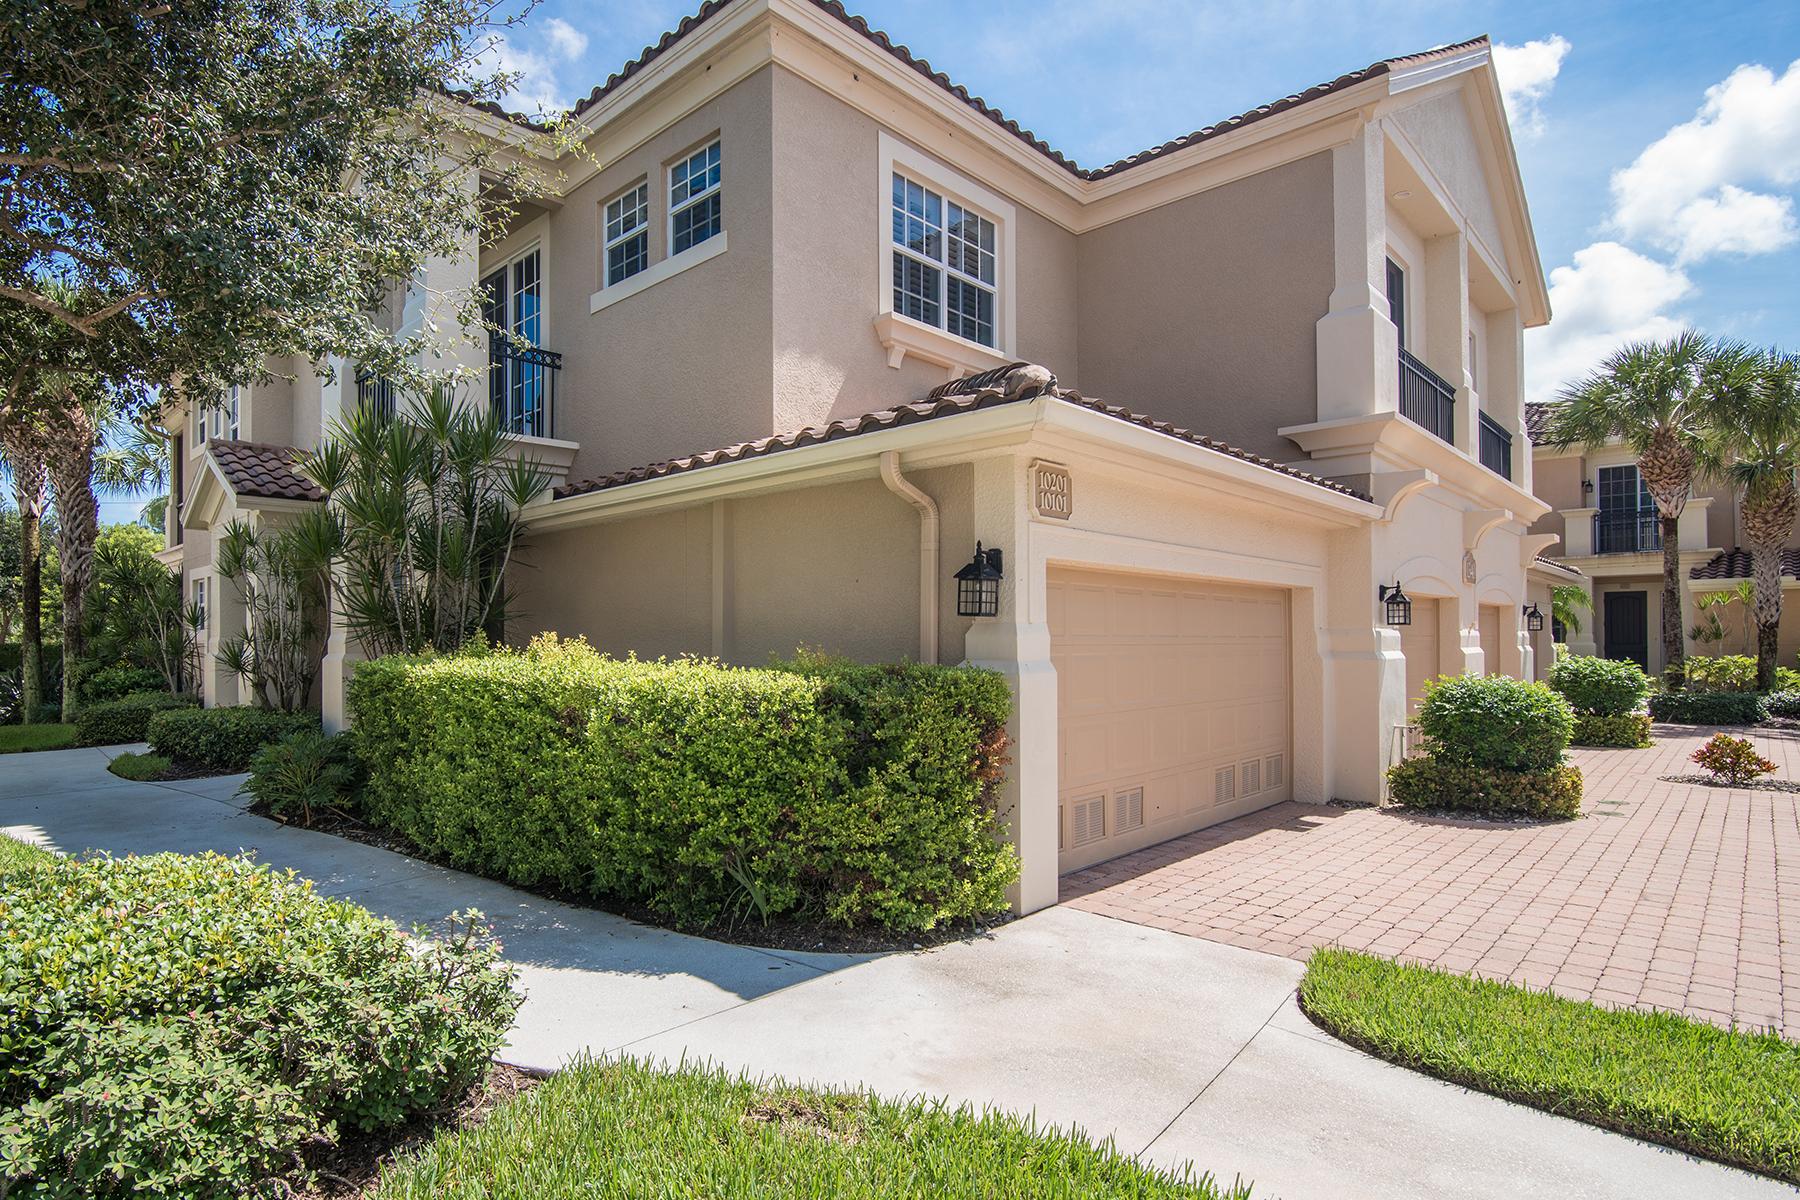 단독 가정 주택 용 매매 에 REMINGTON RESERVE 1340 Remington Way 201 Naples, 플로리다 34110 미국